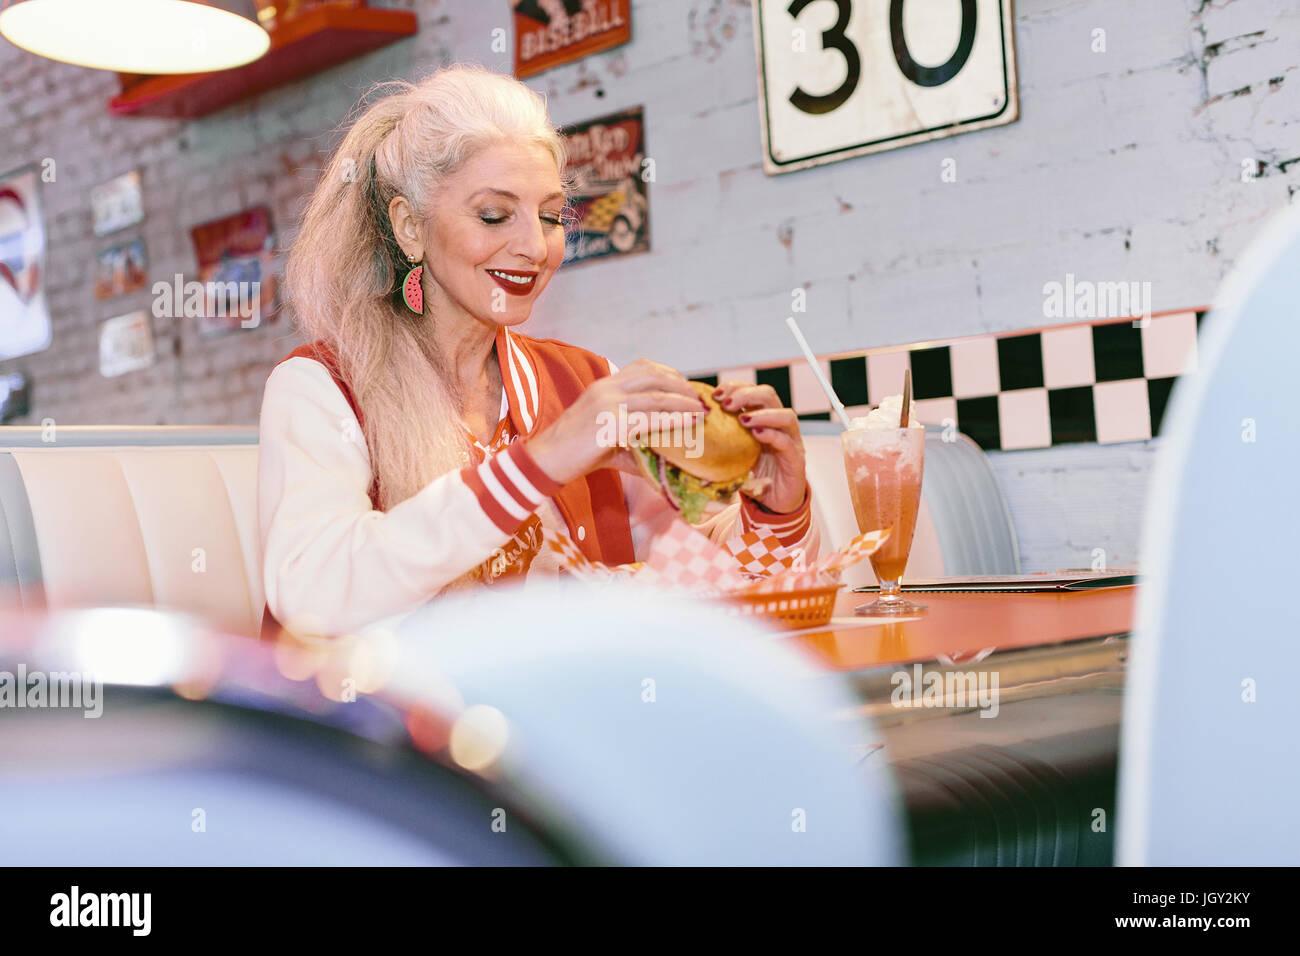 Donna matura nella camicia di baseball di mangiare hamburger in anni cinquanta diner Immagini Stock